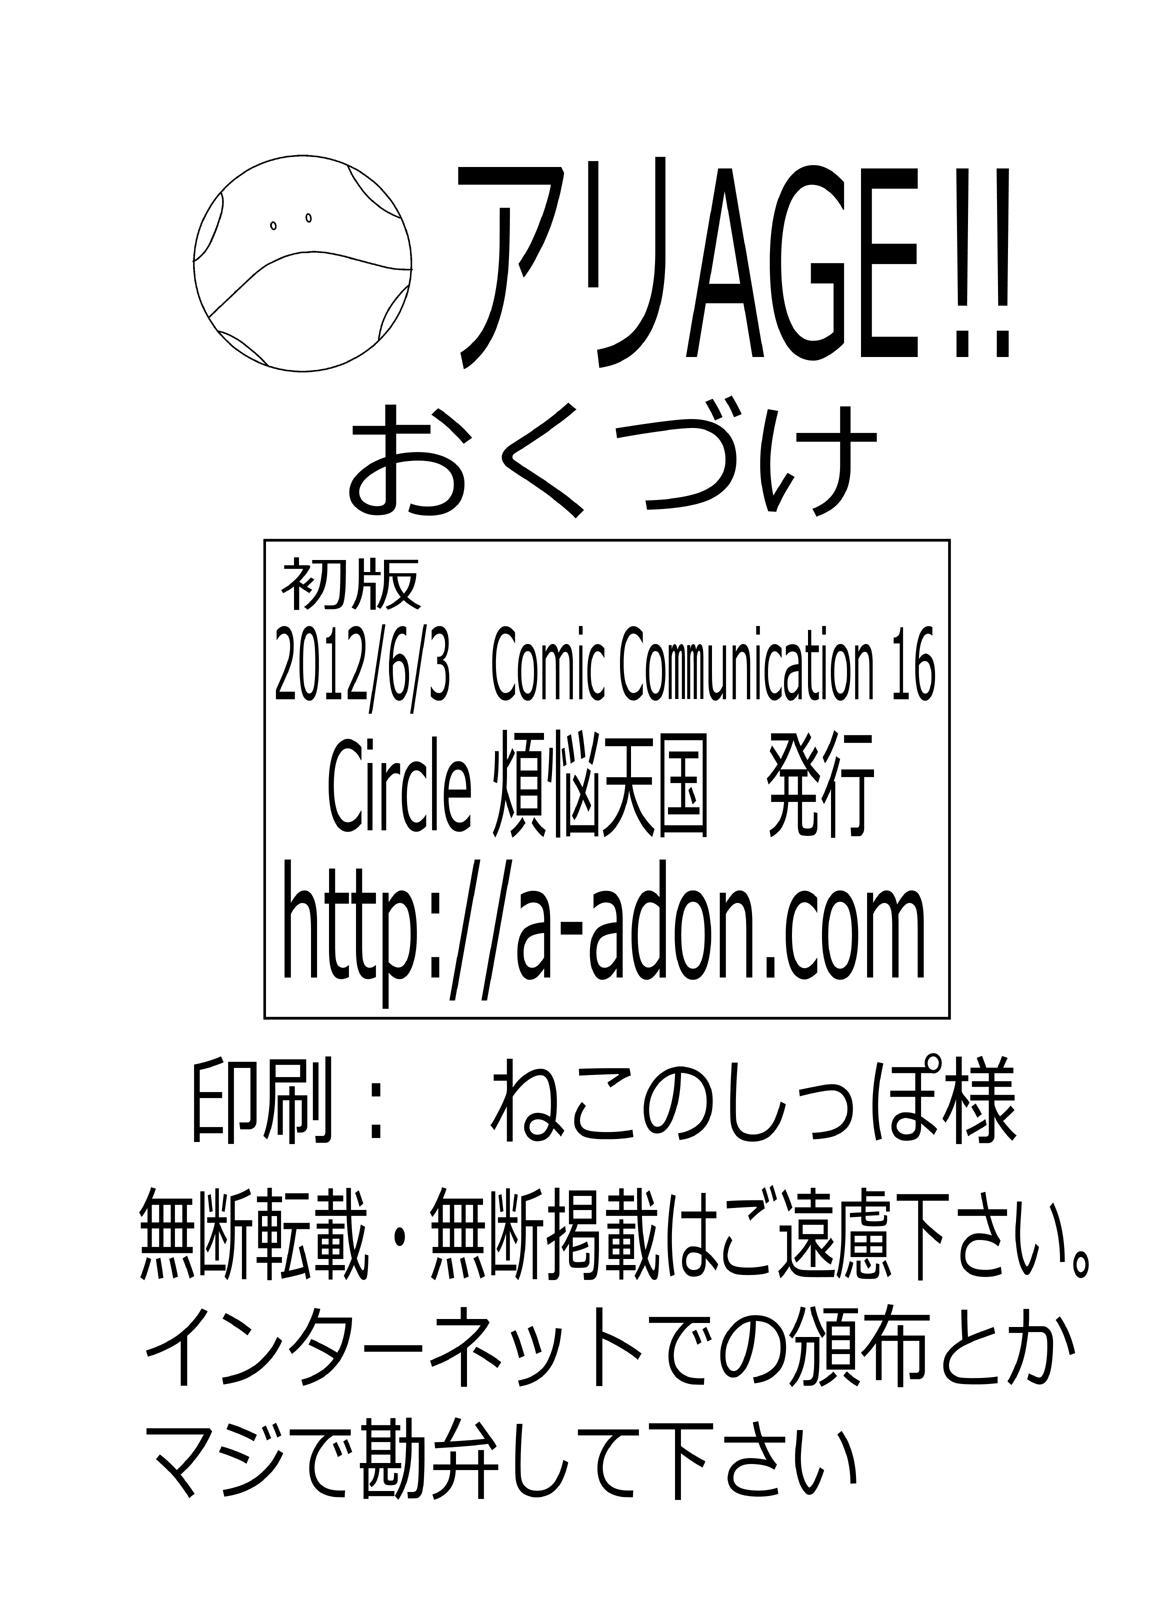 アリAGE!! 20